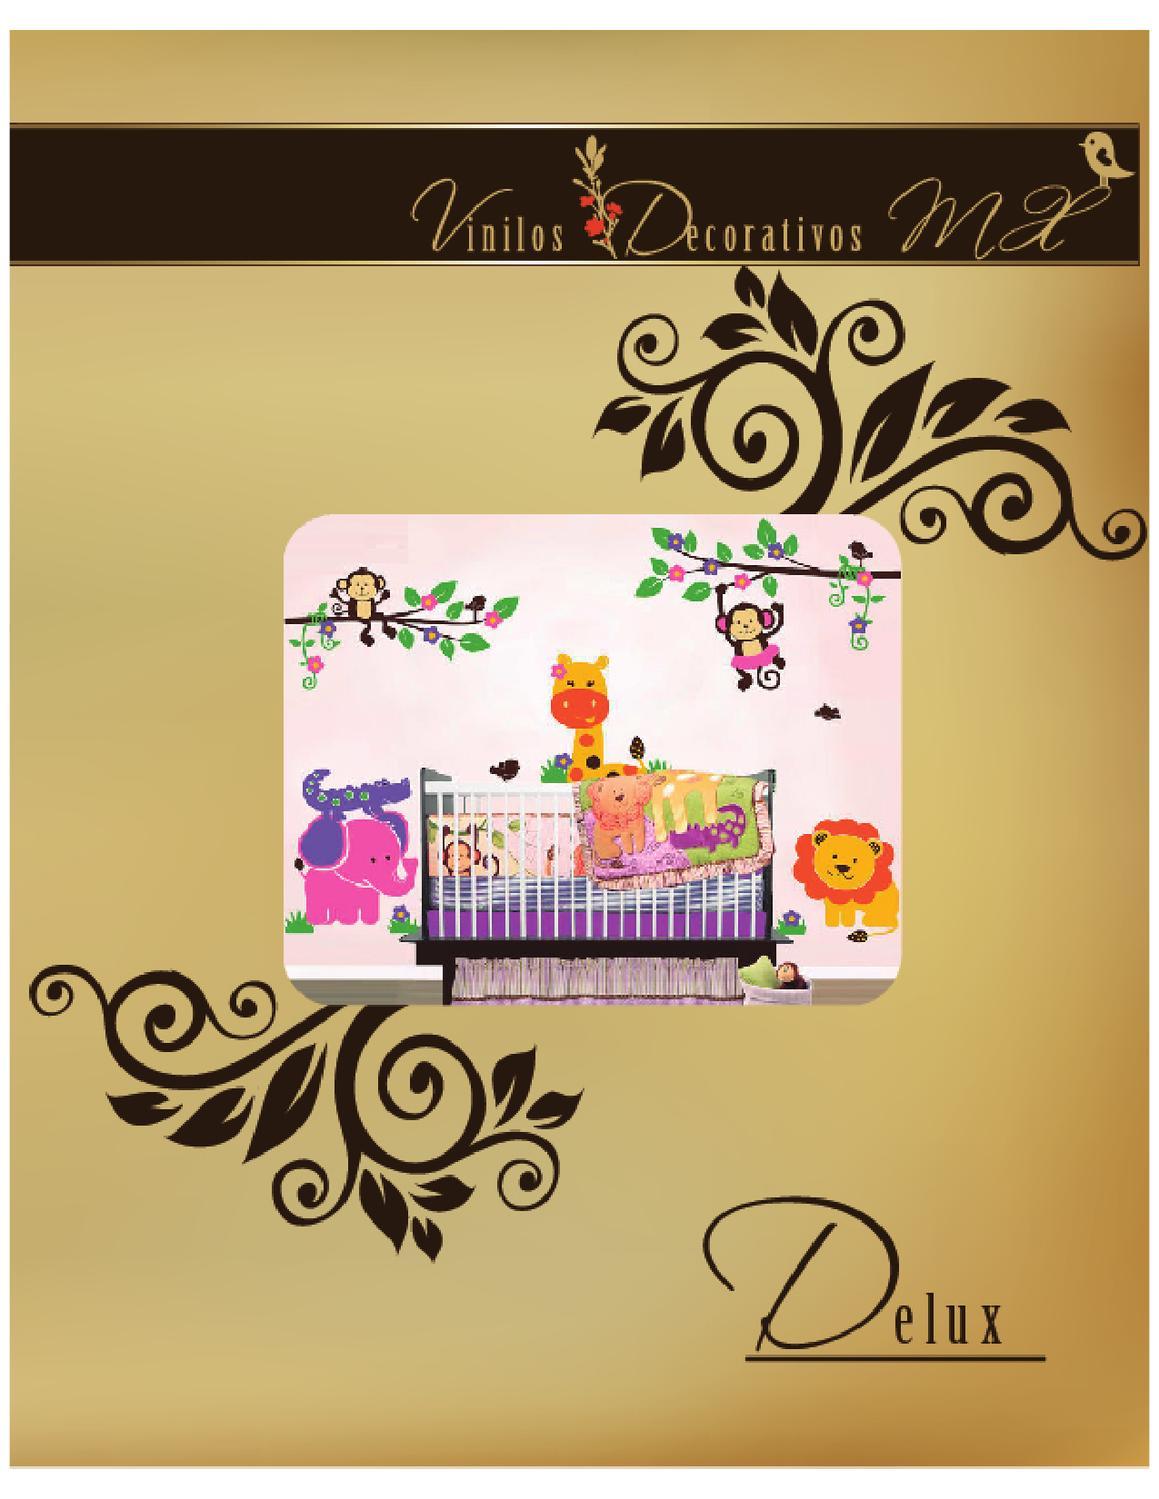 Catalogo de vinilos decorativos linea infantil deluxe para for Decoracion de interiores y exteriores